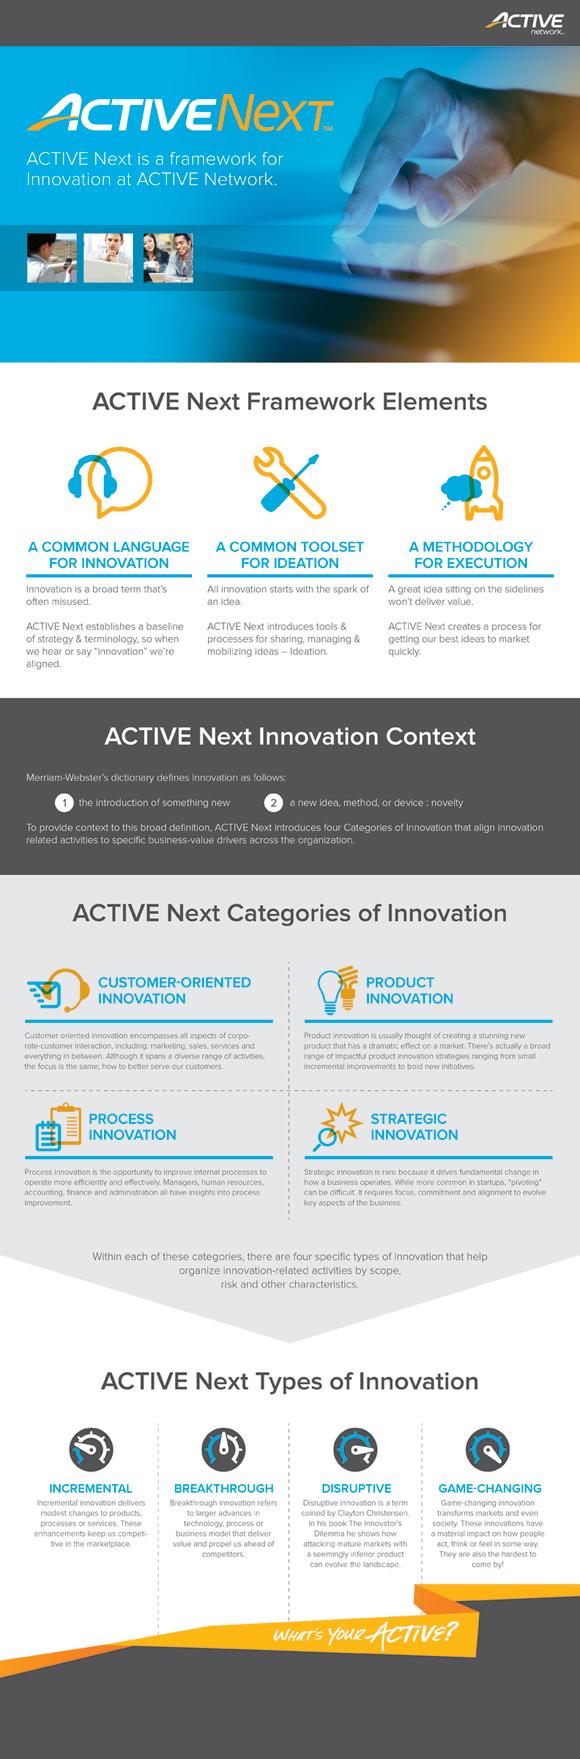 Infographic_ACTIVENext